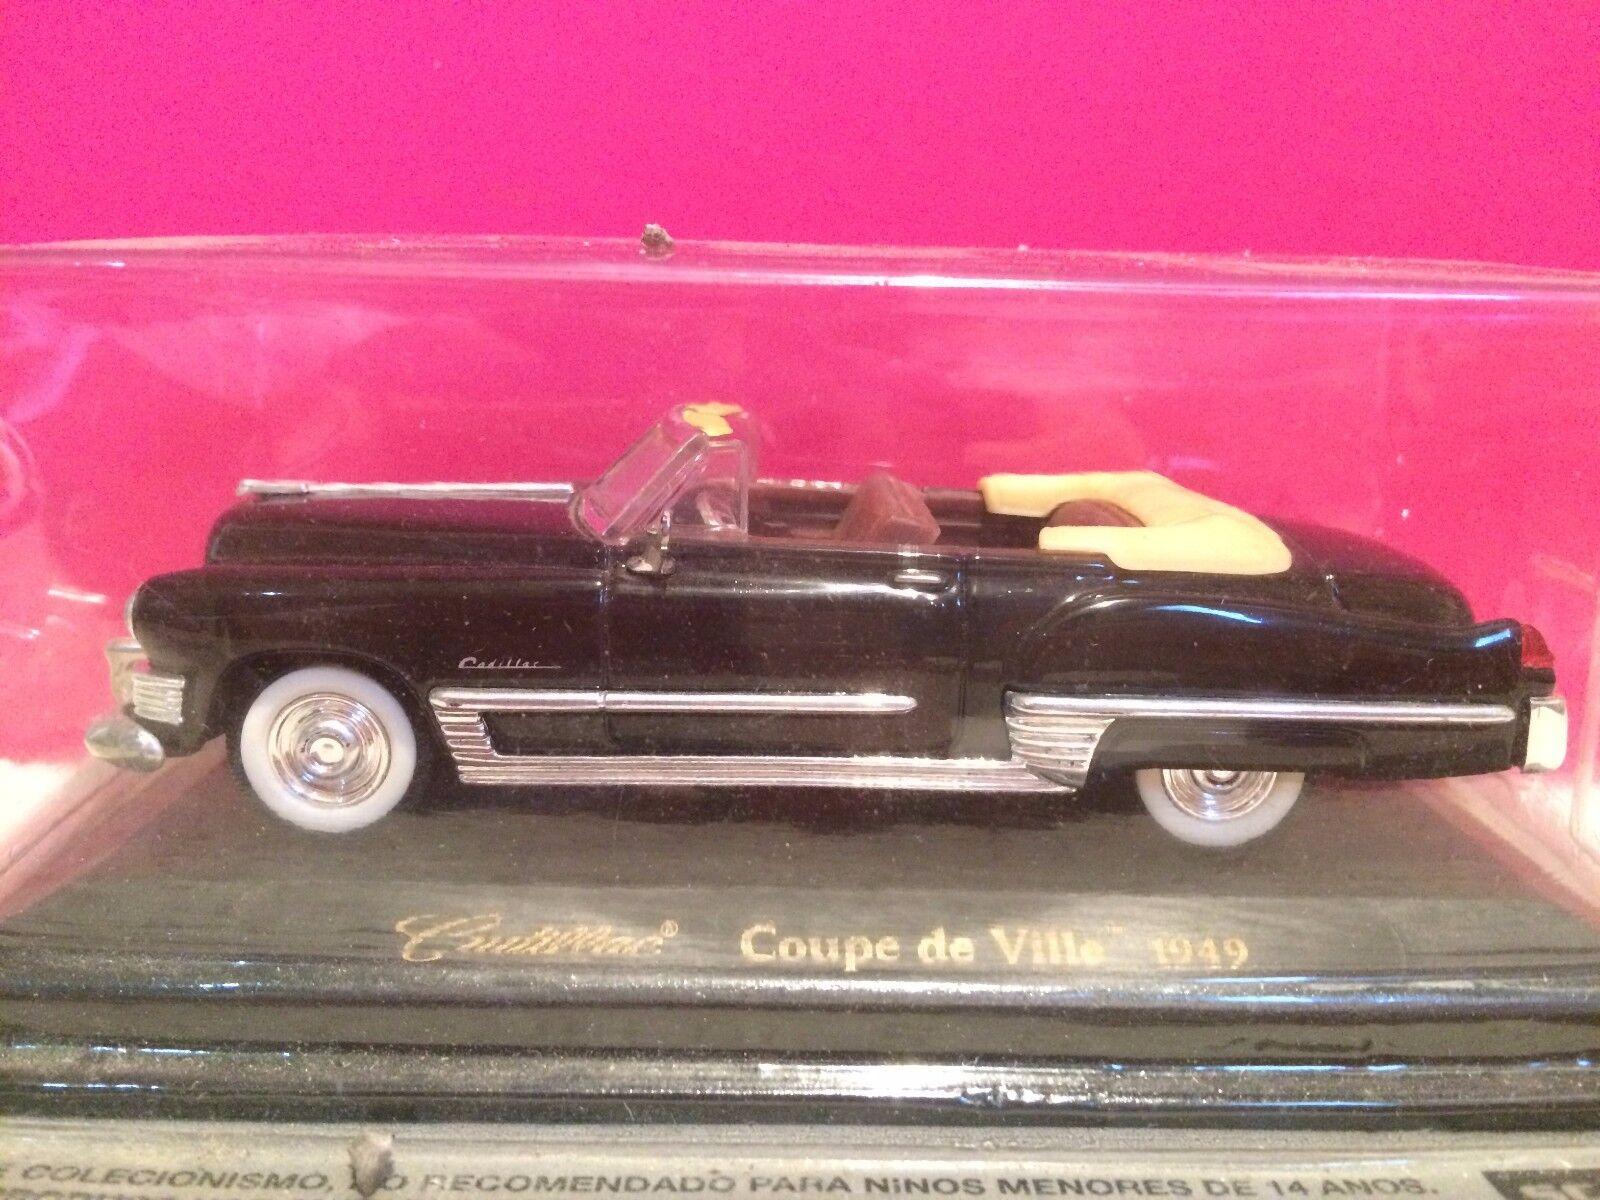 SUPERBE CADILLAC COUPE DE VILLE 1949 NEUF SOUS BLISTER 1 43 J2